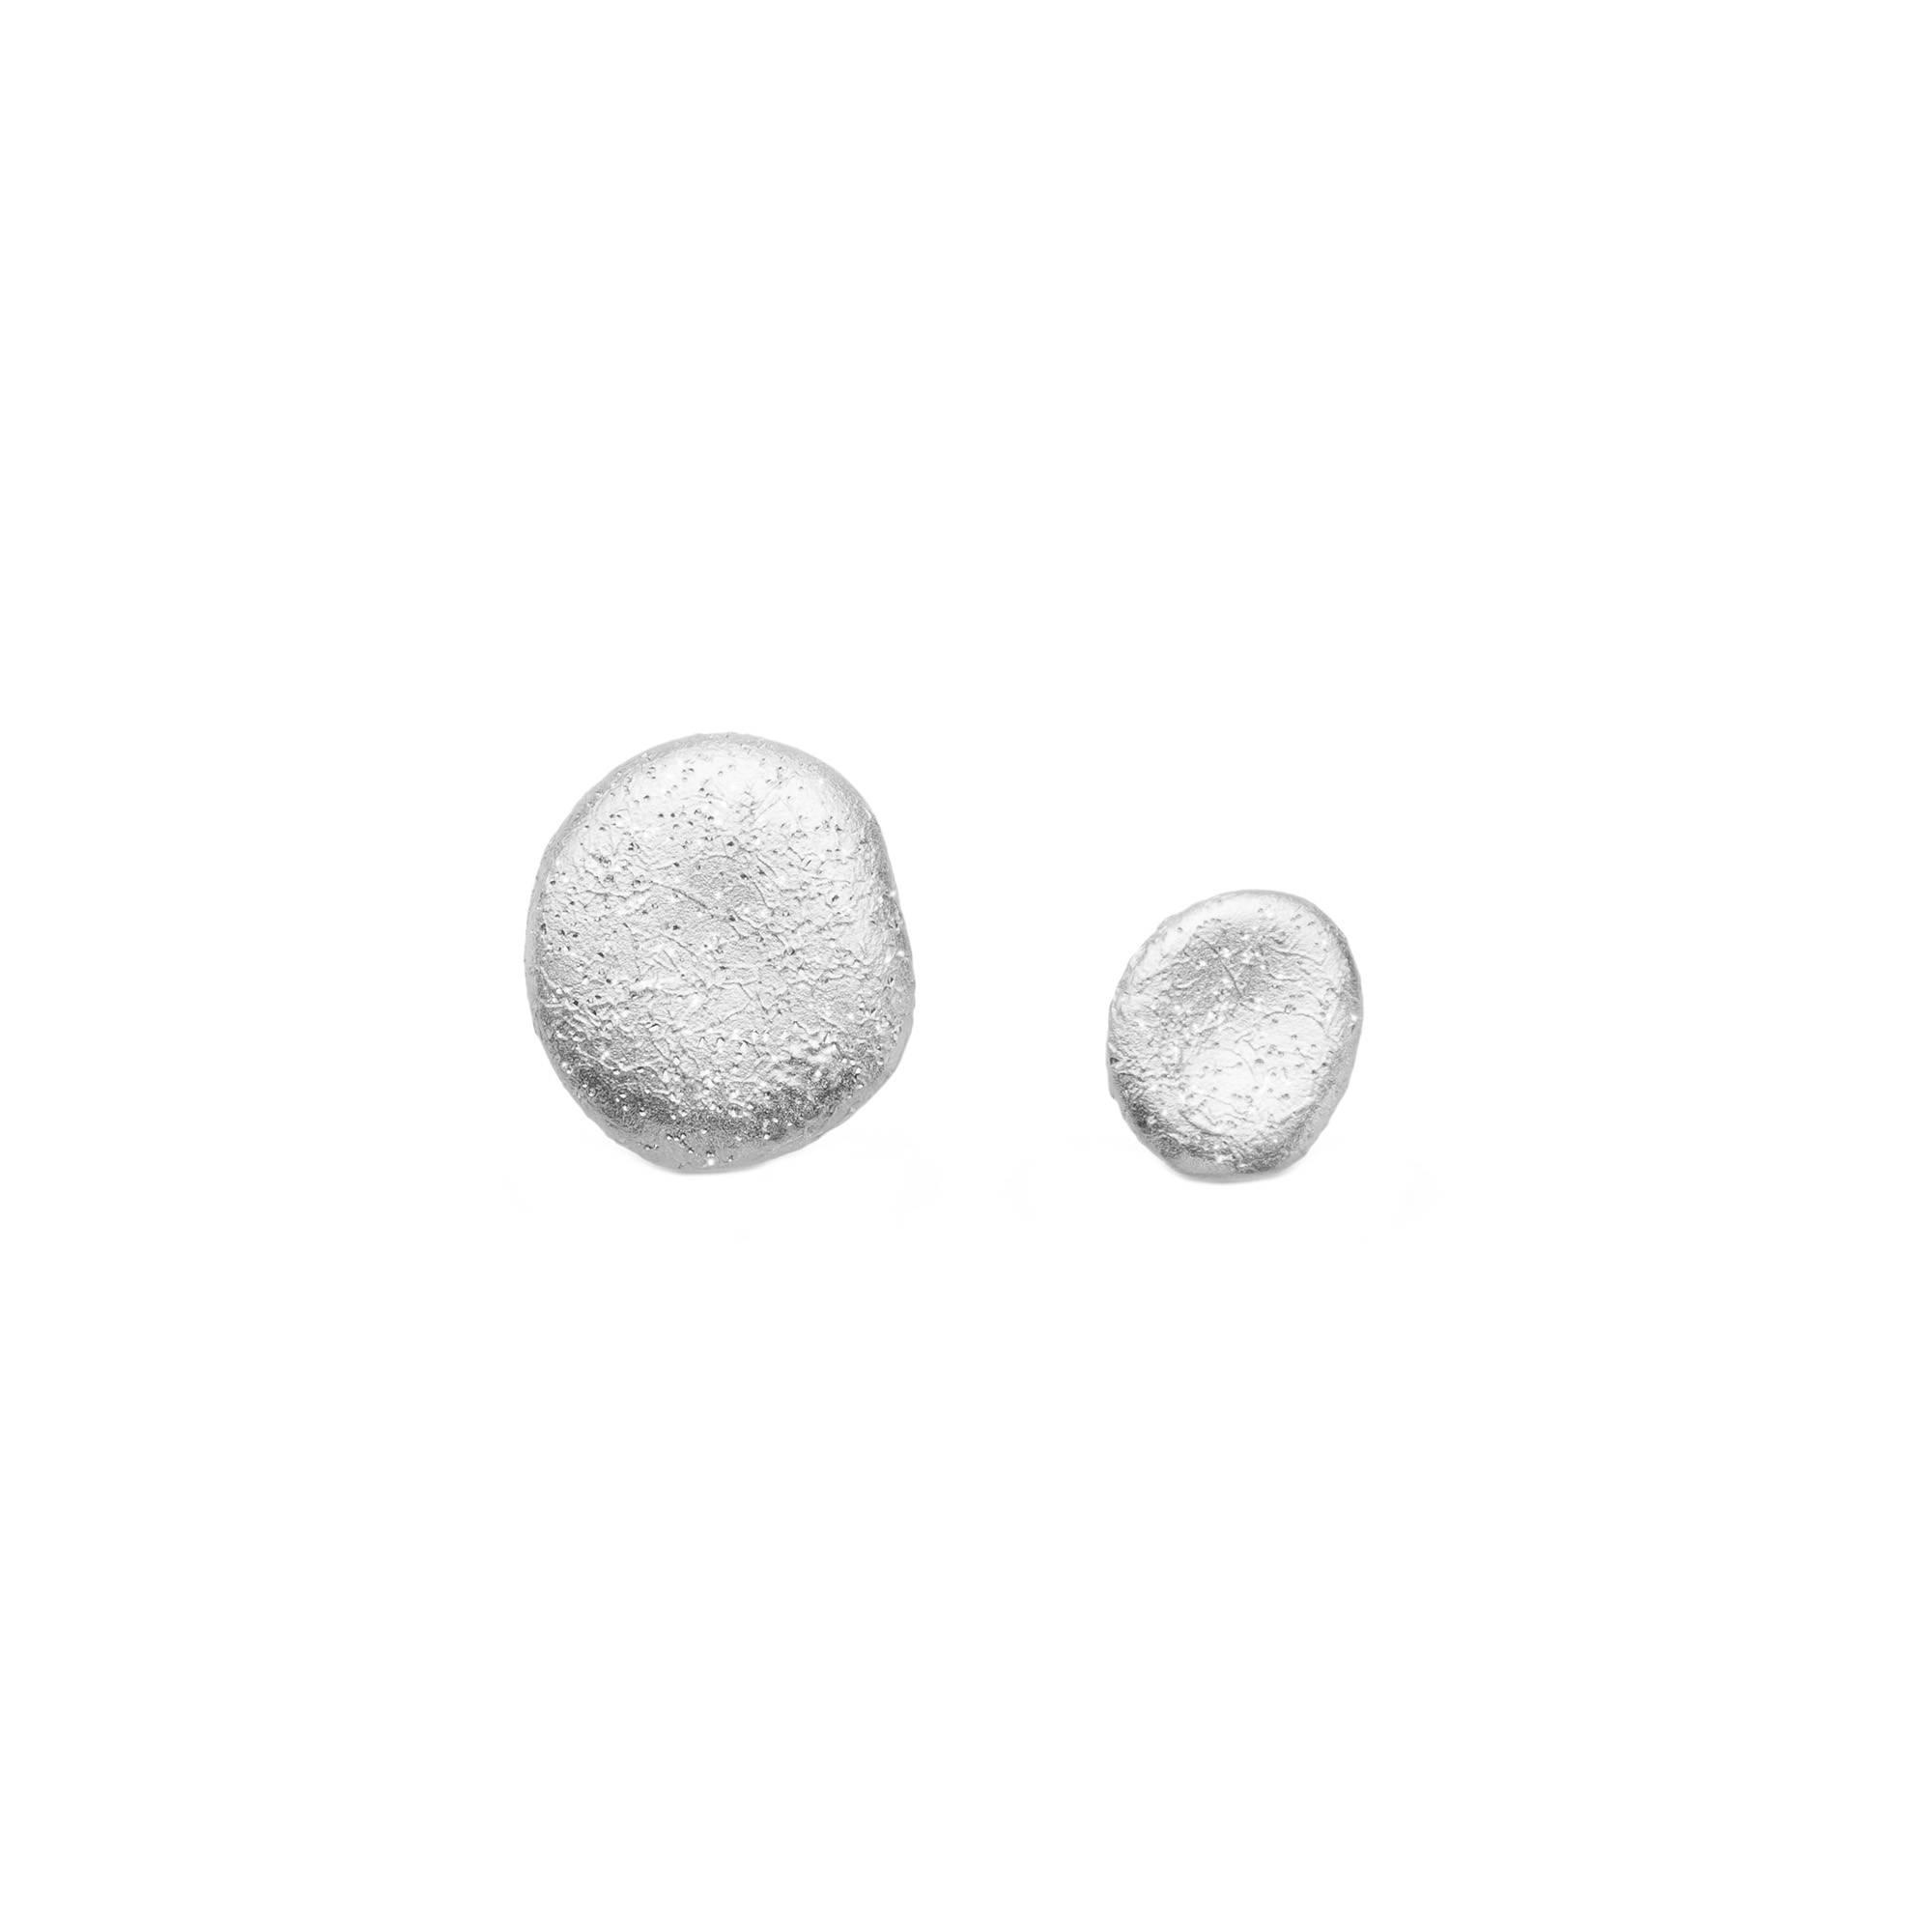 Серьги пусеты Vanessa из серебра 925 с покрытием белым родием